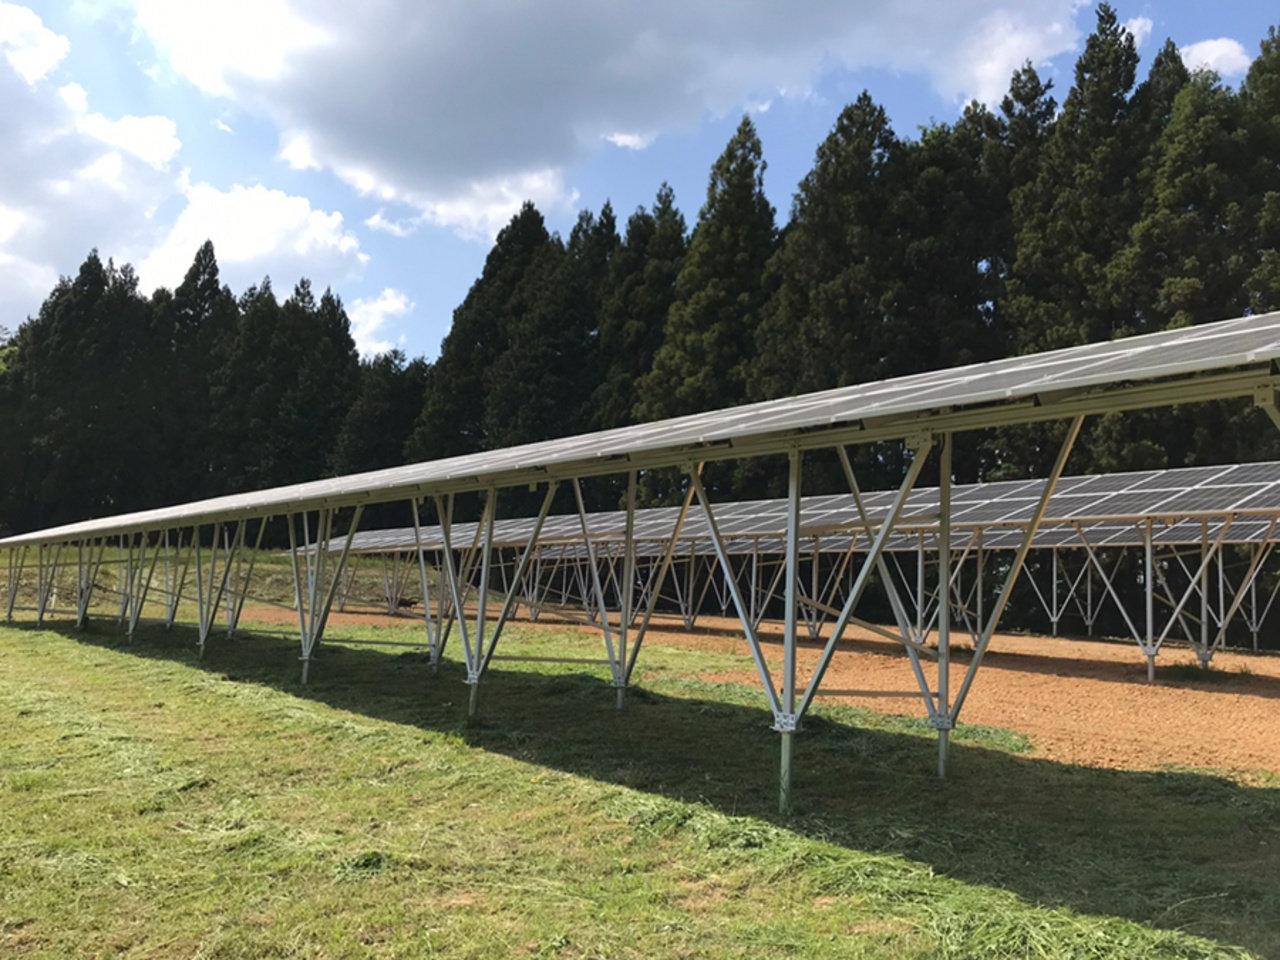 宮城県気仙沼市で新たなソーラーシェアリング事業がスタートします。